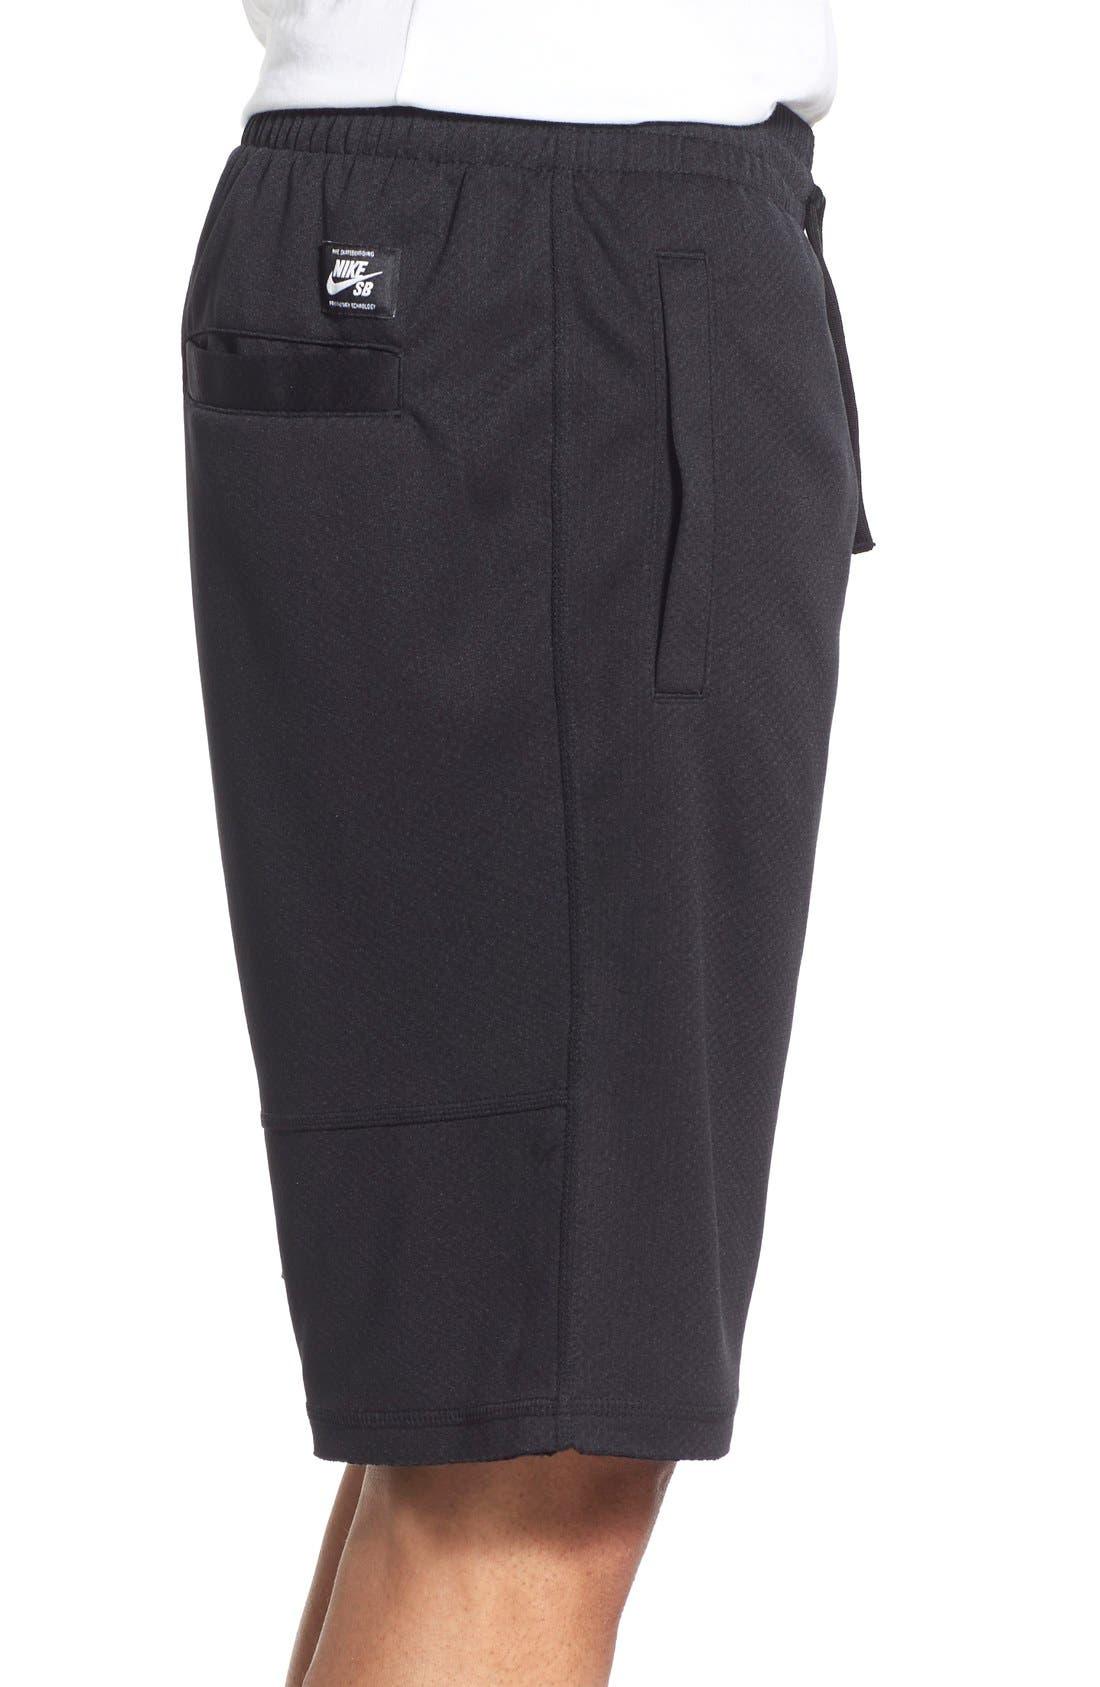 SB 'Stripe Sunday' Dri-FIT Shorts,                             Alternate thumbnail 2, color,                             010